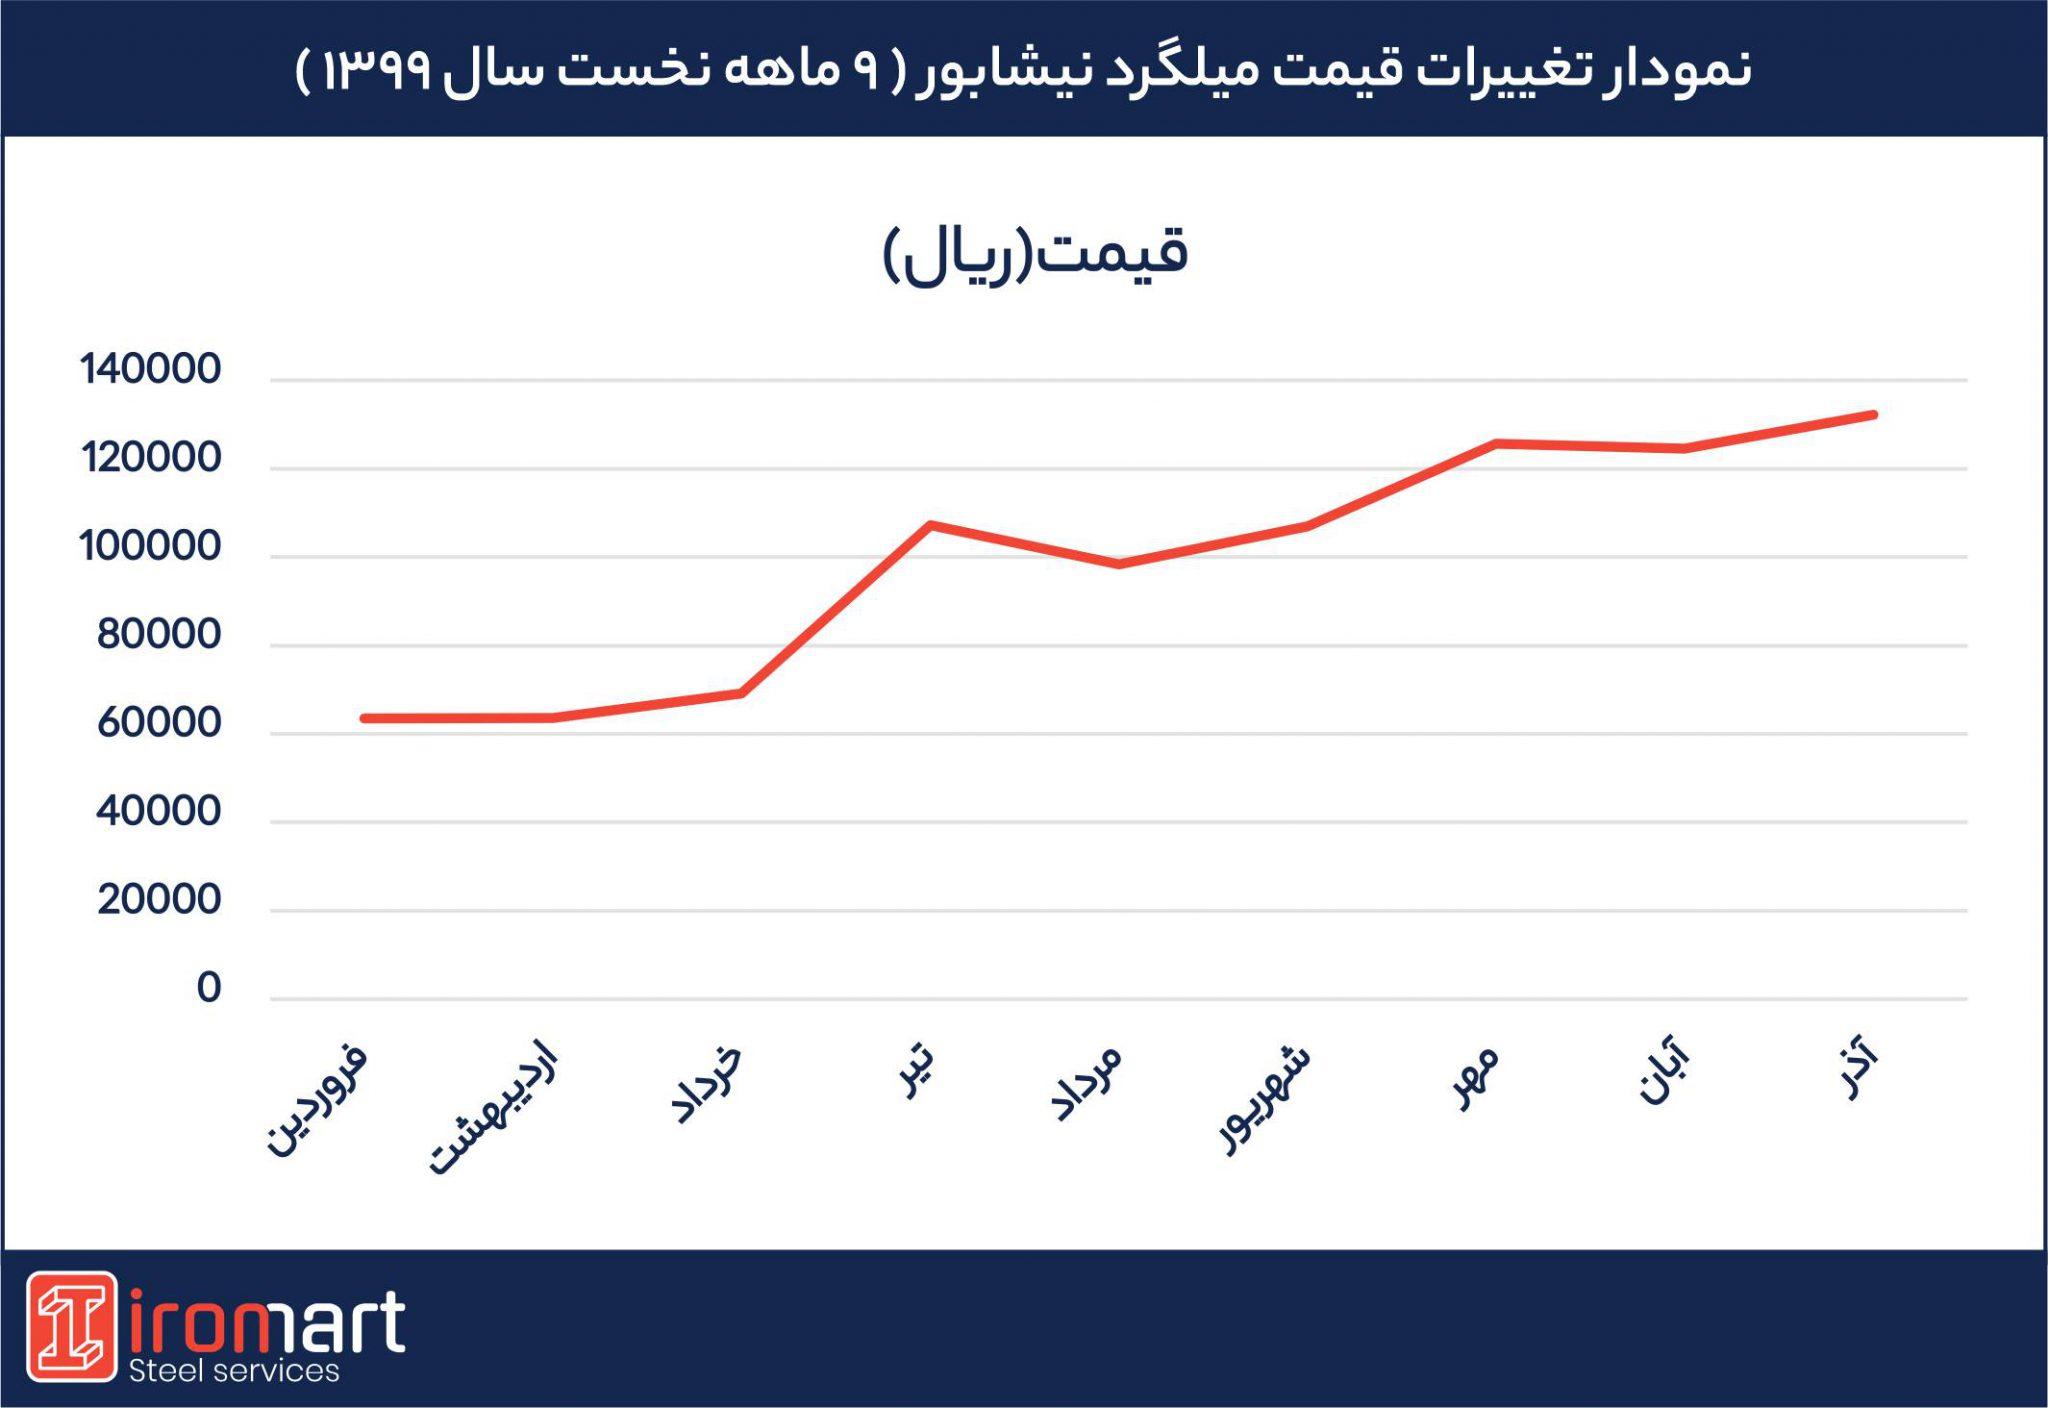 نمودار تغییر قیمت میلگرد نیشابور در 9 ماهه نخست سال 99